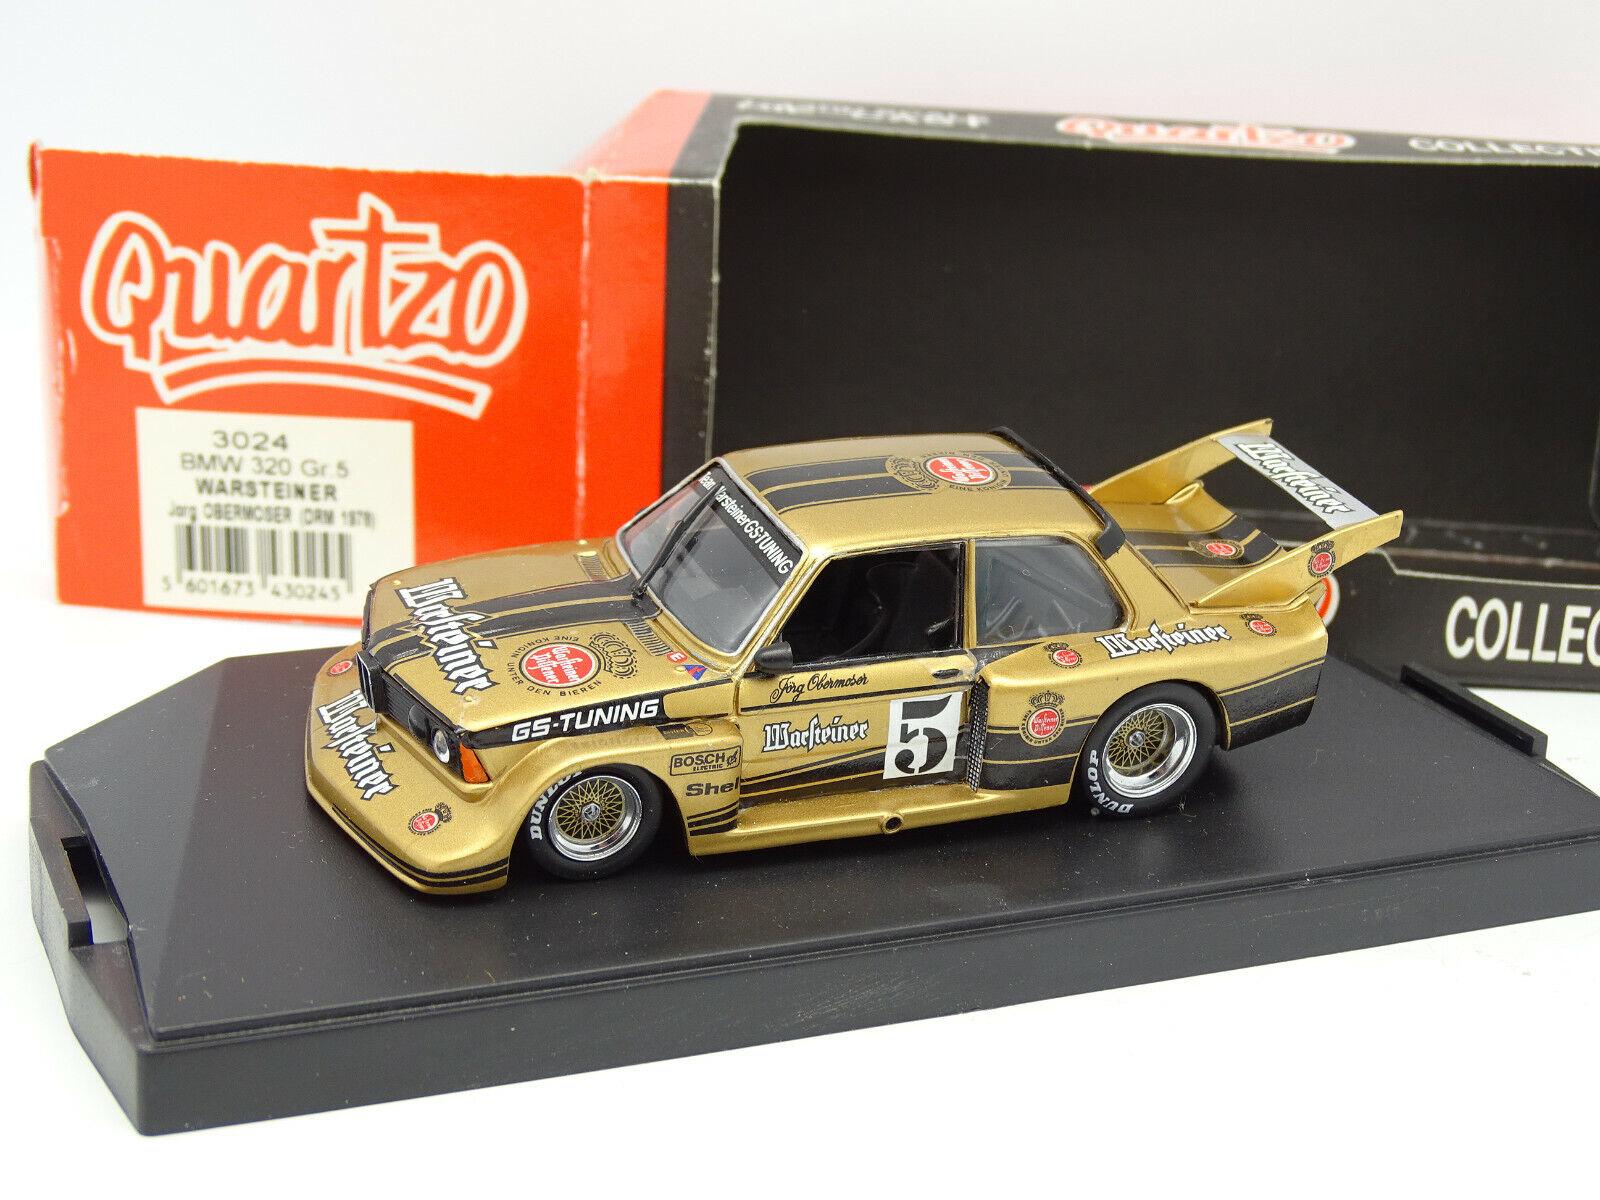 Quartzo 1 43 - BMW 320 I Gr5 Drm 1978 Warsteiner